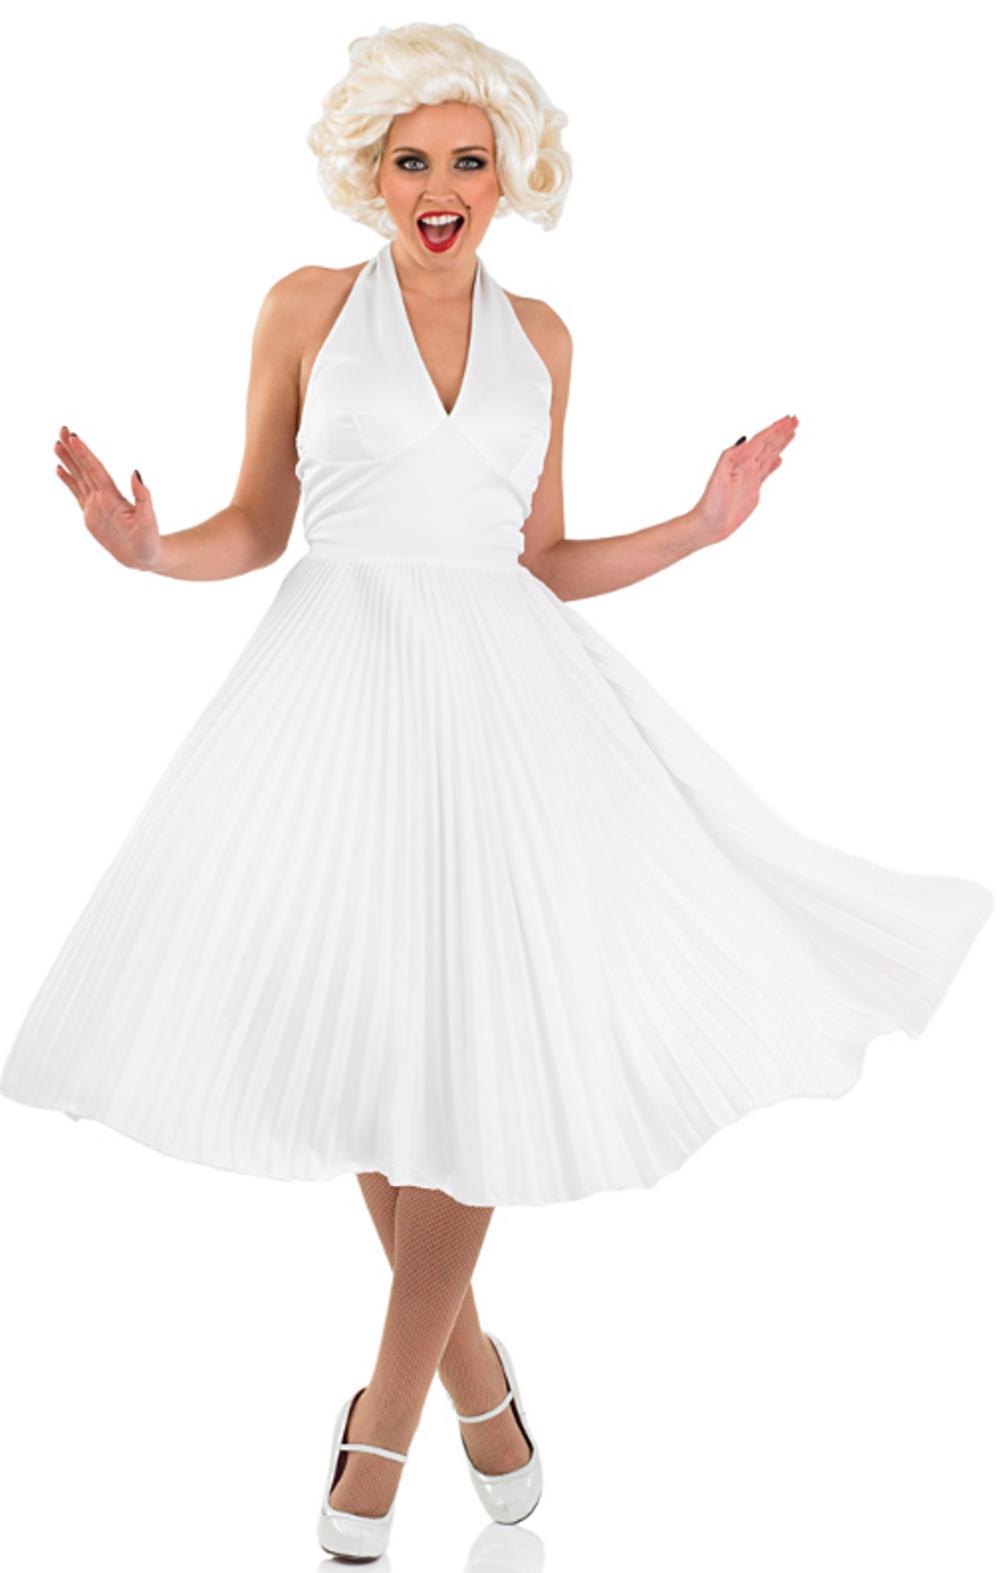 Marilyn Monroe Size Waist